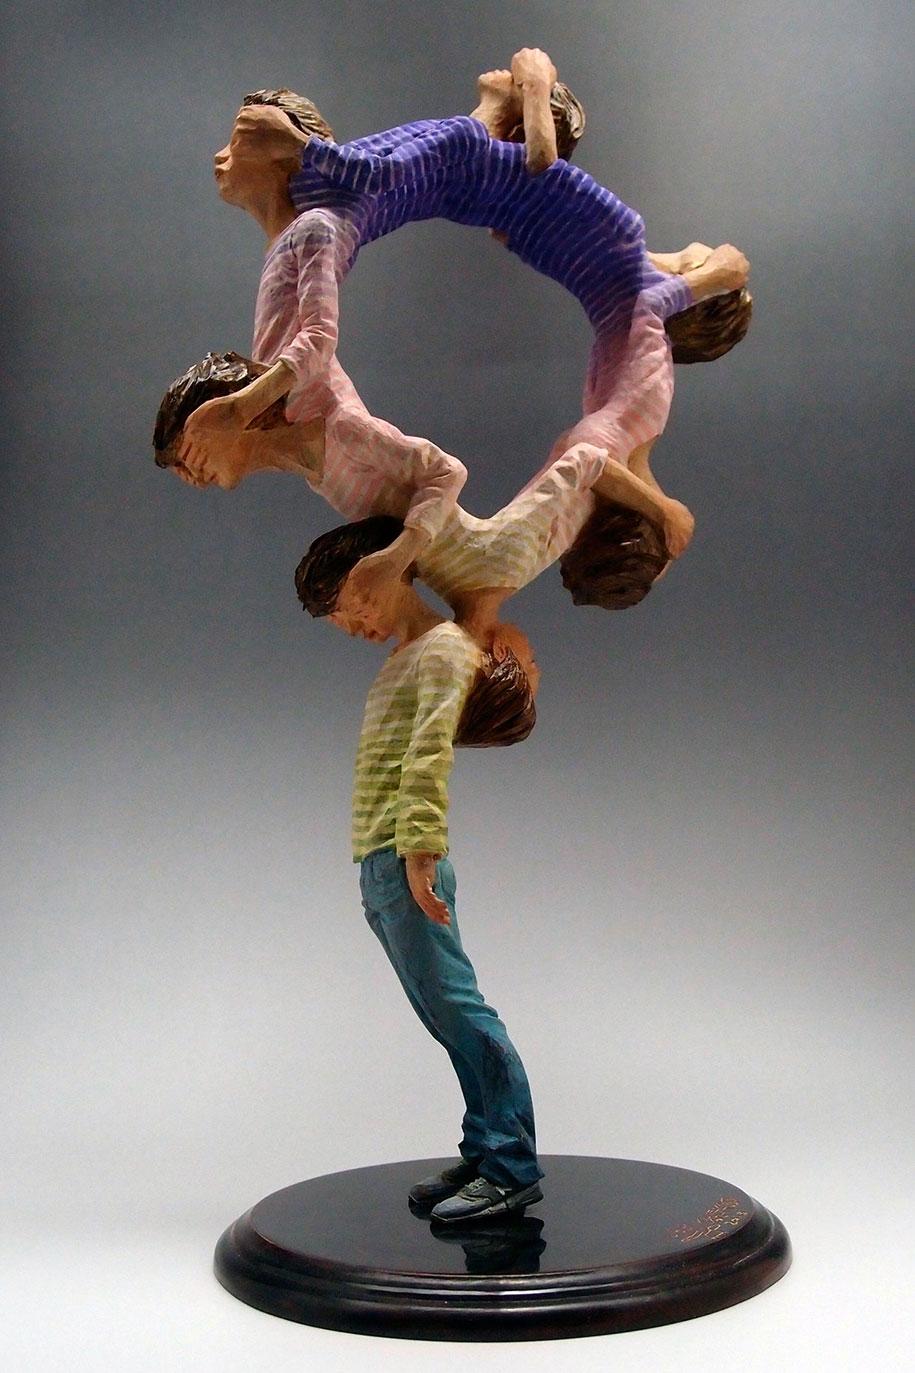 Kohei Nawa - Contemporary Sculptures  |Contemporary Sculpture Asia